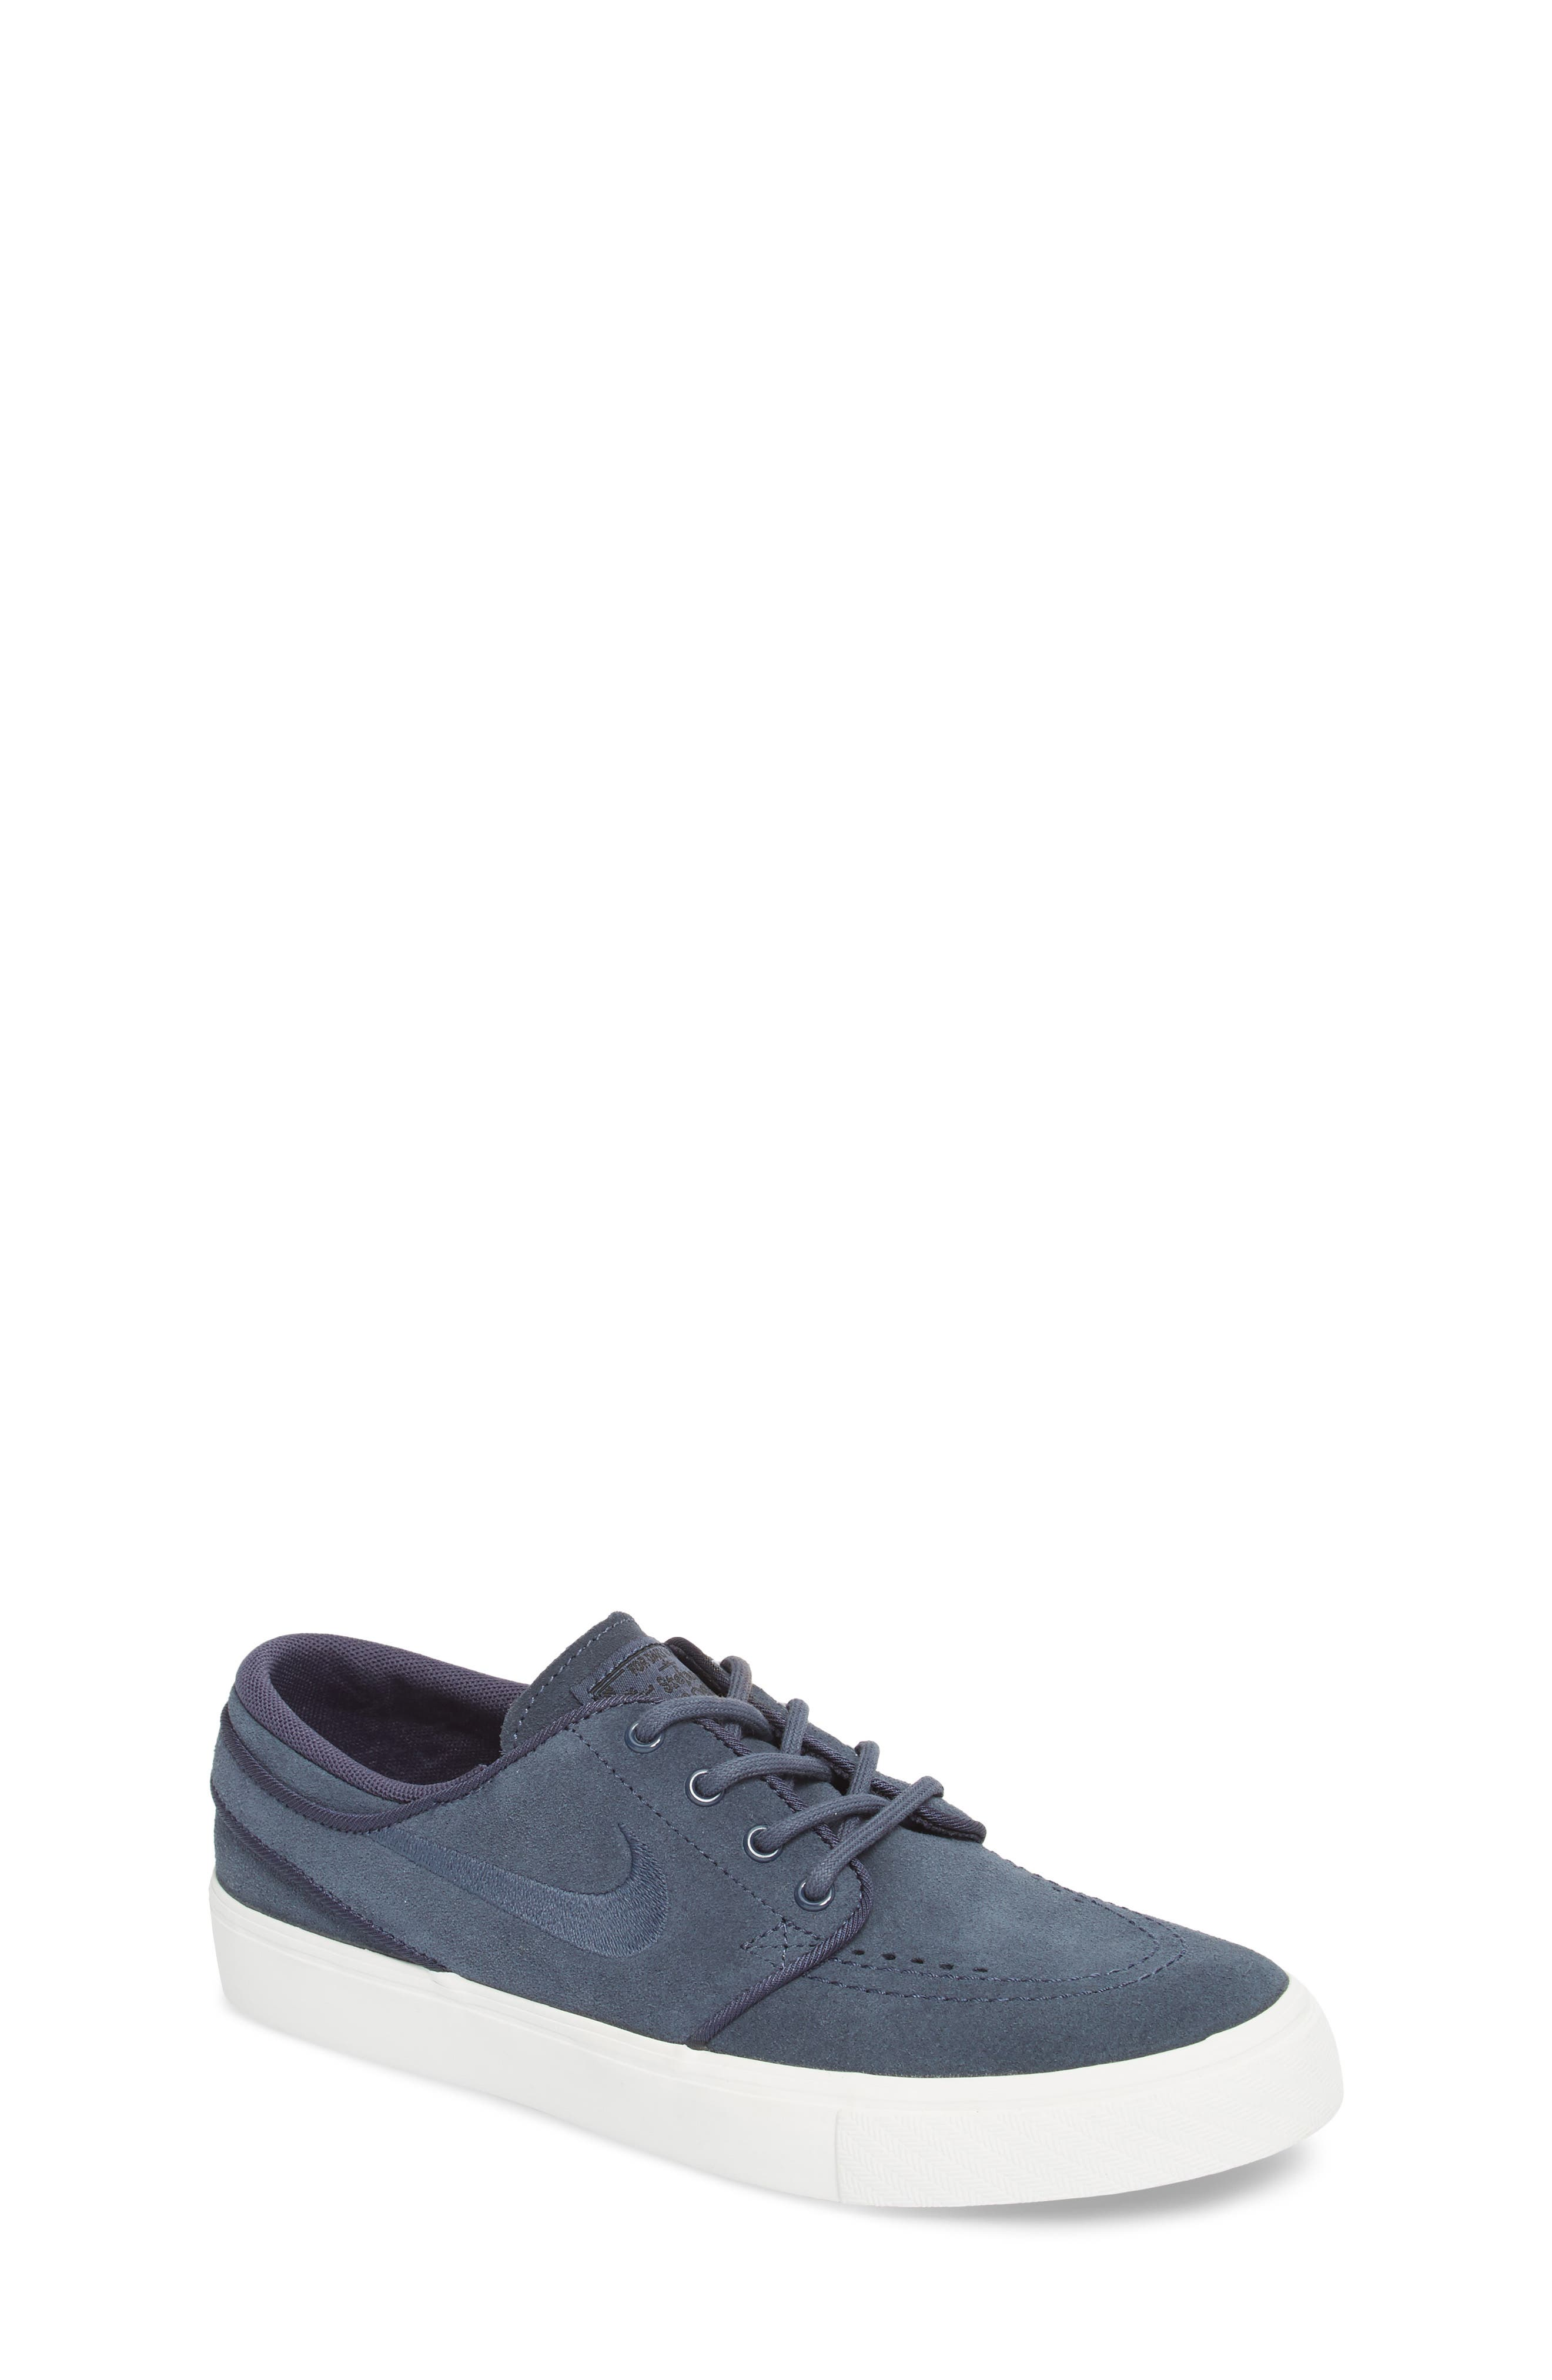 'Stefan Janoski' Sneaker,                         Main,                         color,